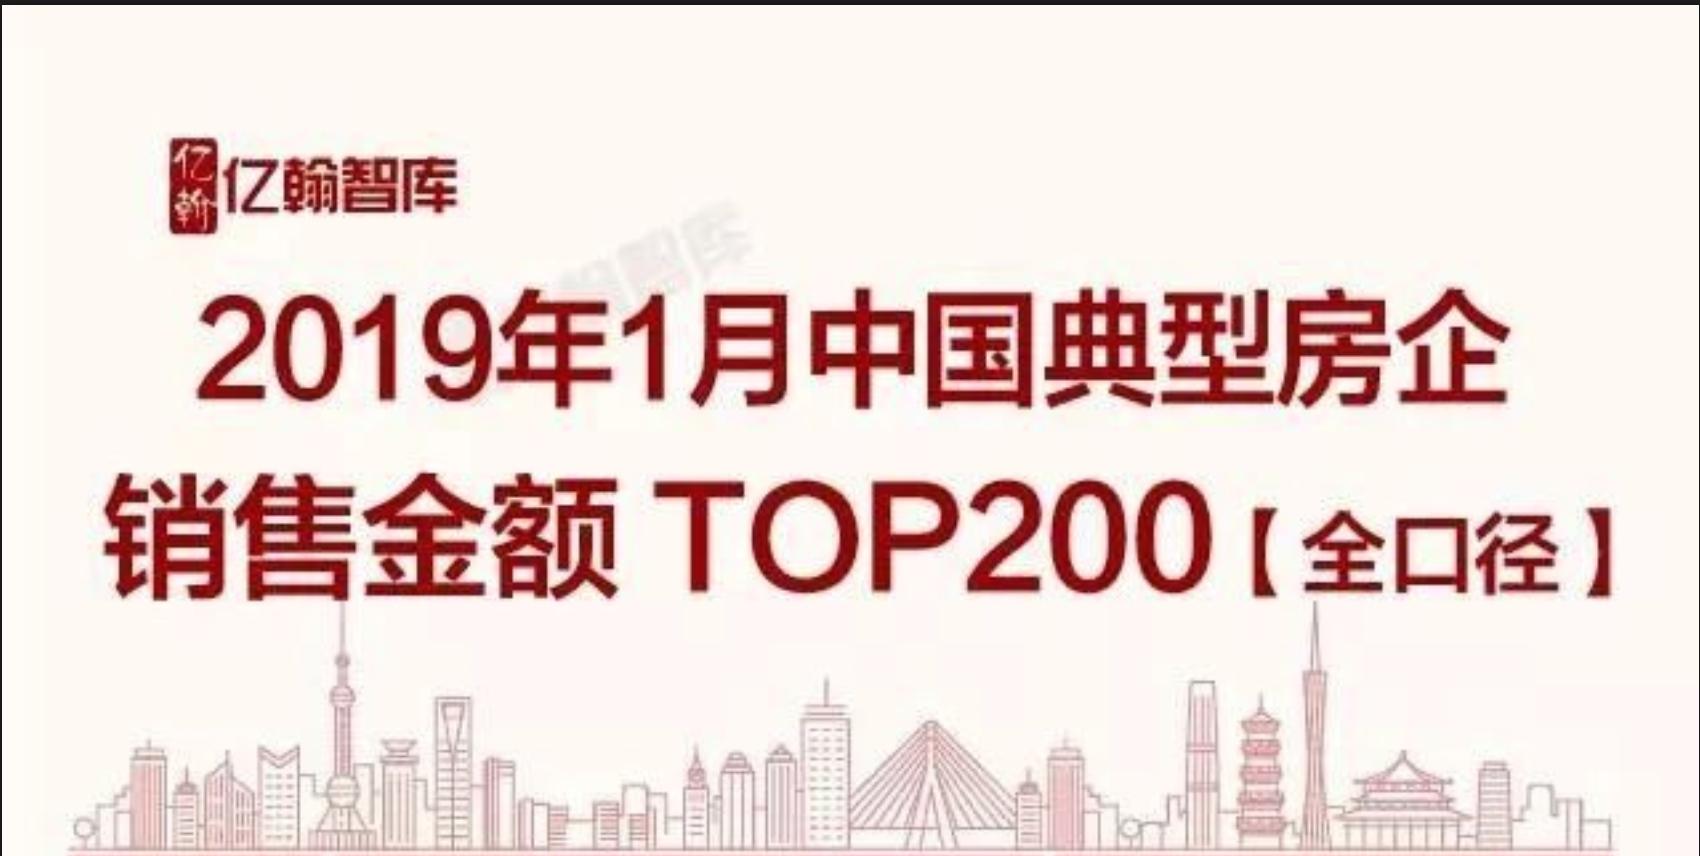 2019年1月富康实业跻身中国典型房企销售业绩TOP200榜单!